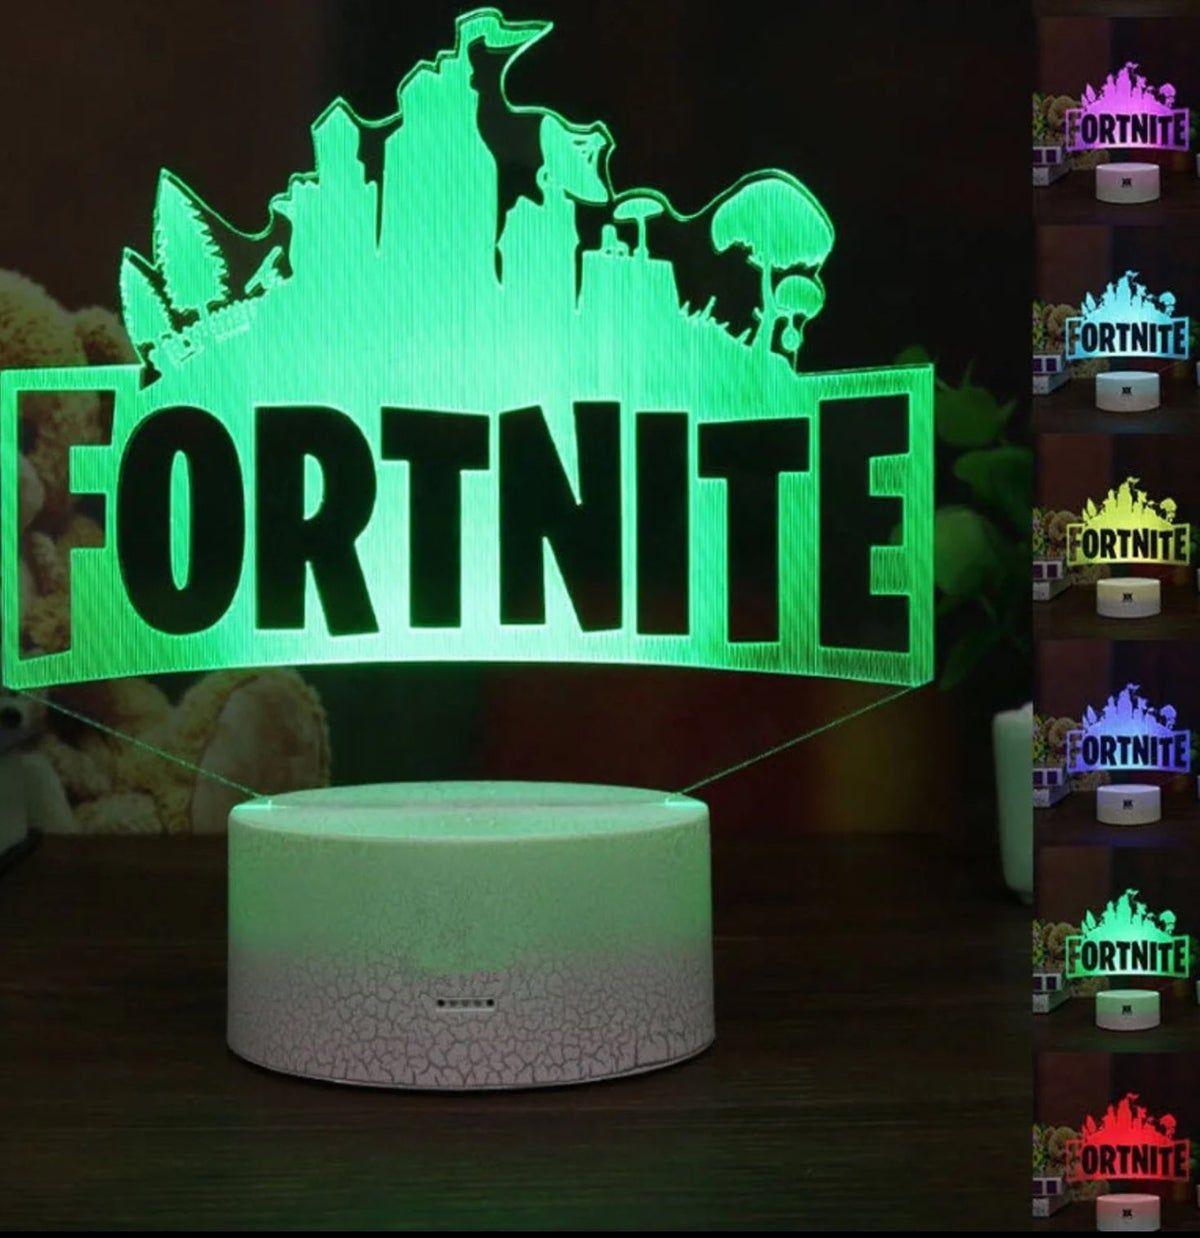 Fortnite 3d Gaming Xbox Led Lamp Nightli In 2020 3d Led Night Light Led Night Lamp Led Night Light